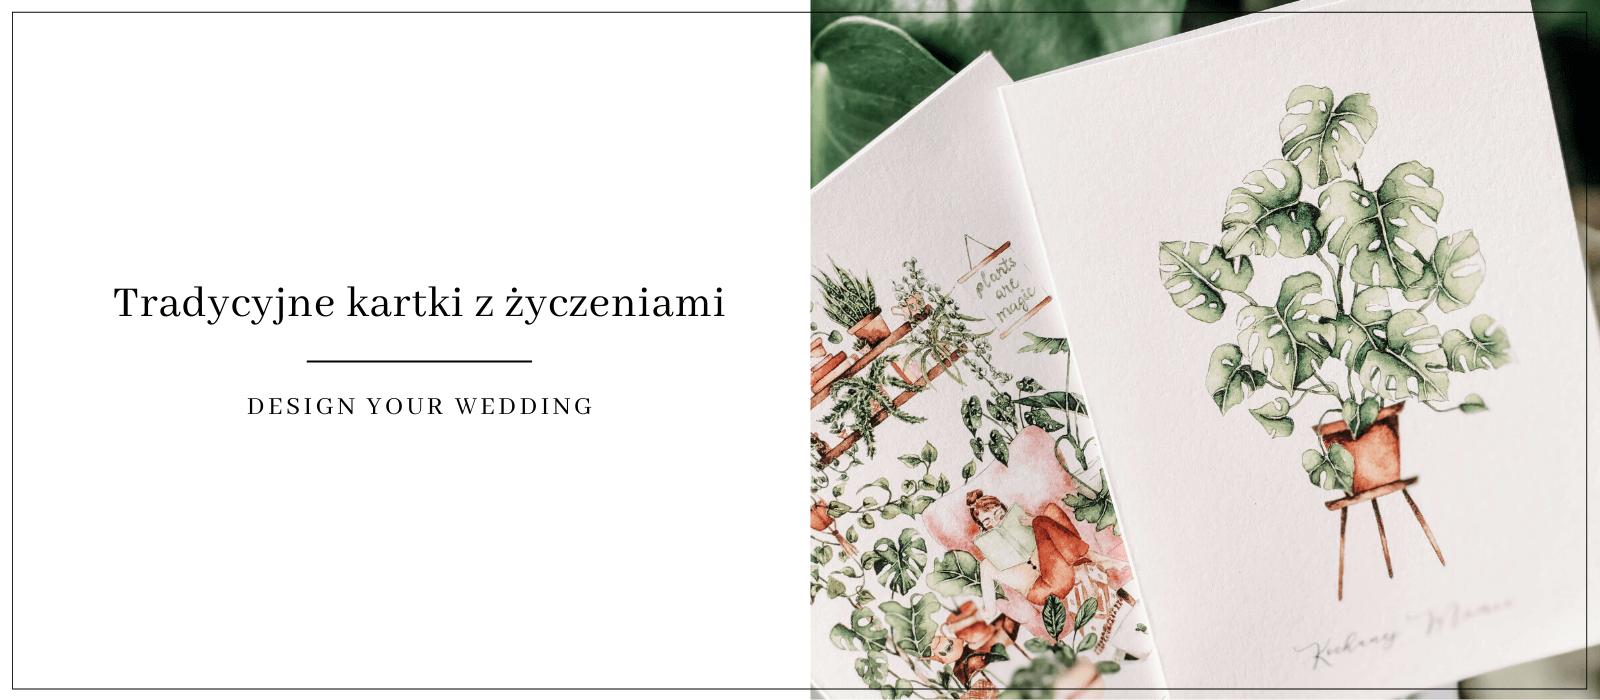 tradycyjne kartki z życzeniami design your wedding